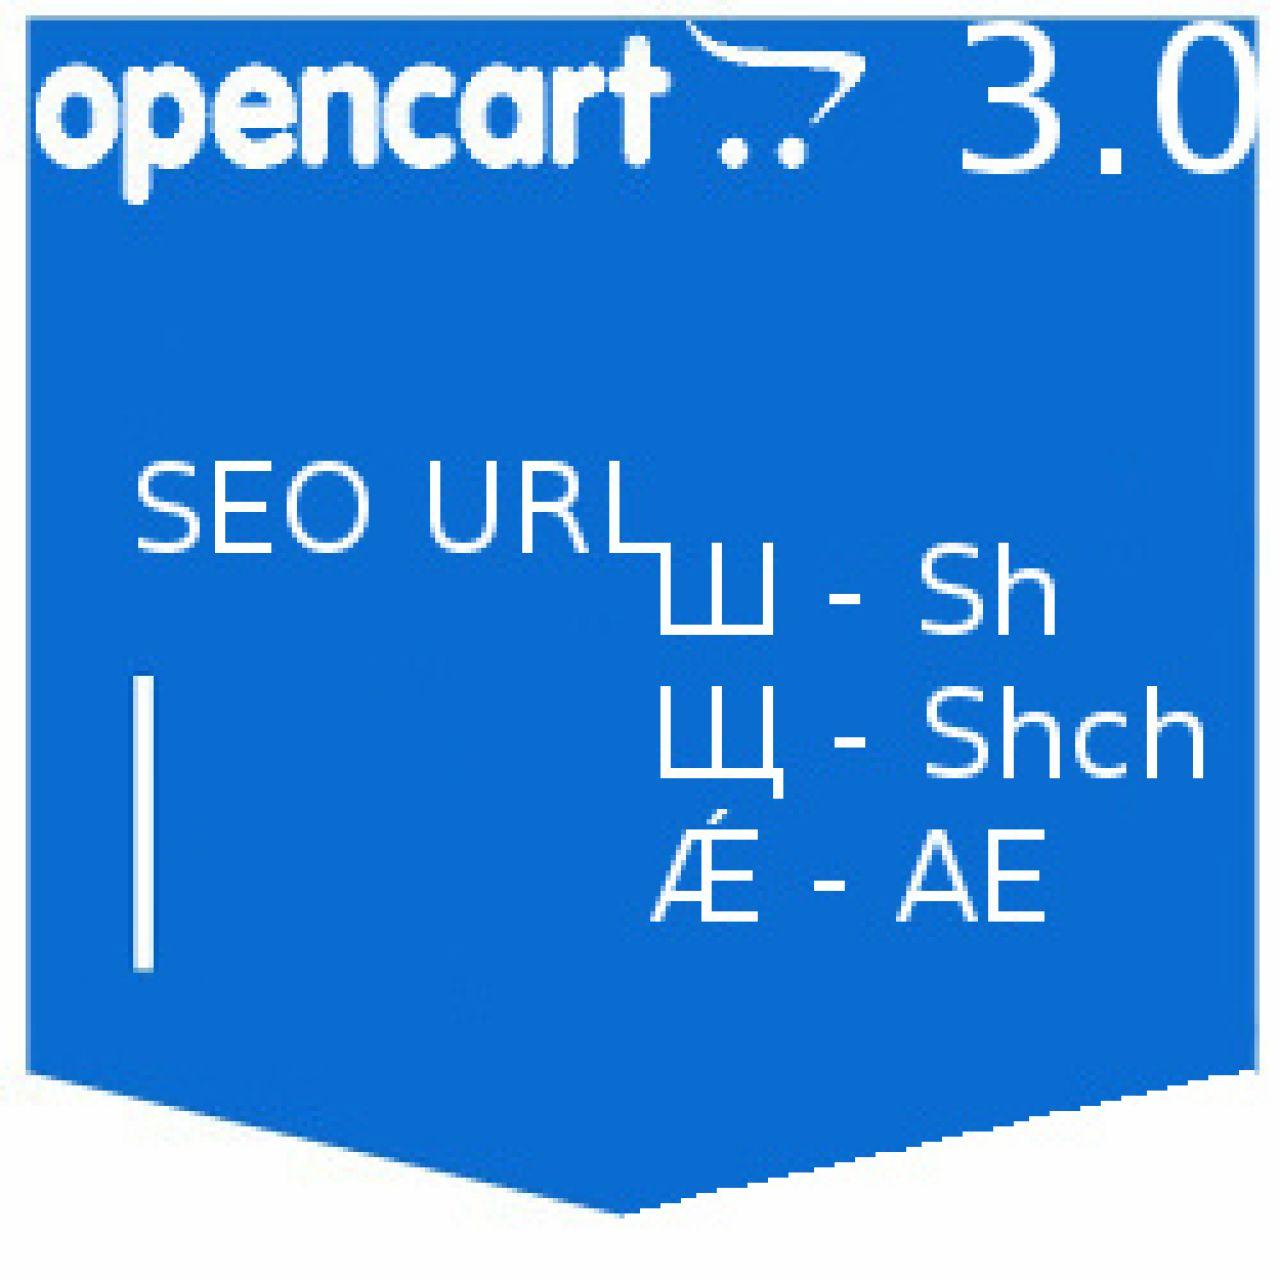 Генератор URL 3.0  - редактирование, управление, контроль из категории Редакторы для CMS OpenCart (ОпенКарт)